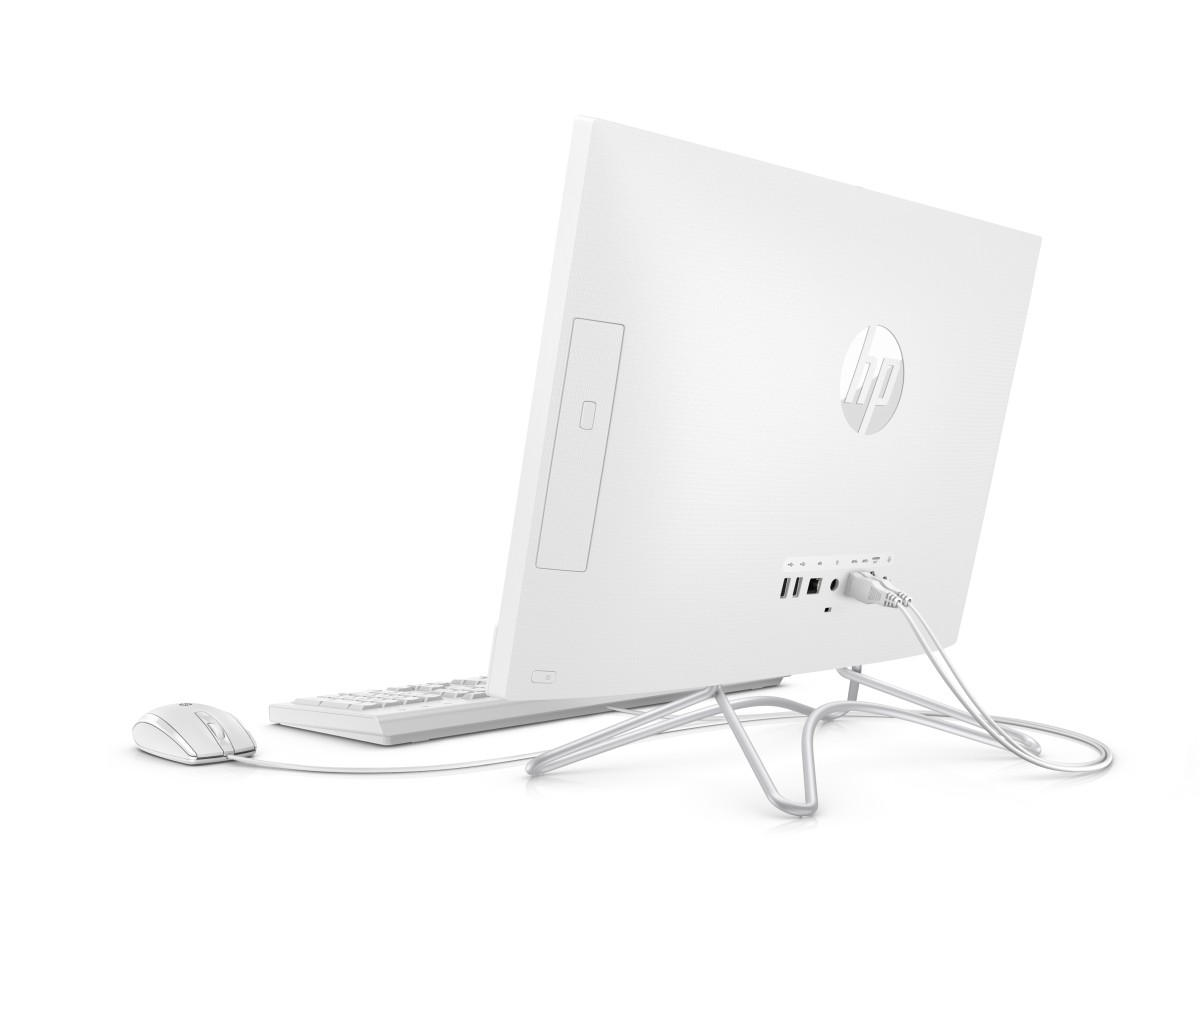 HP Core i3-8130U 8GB 256GB W10P